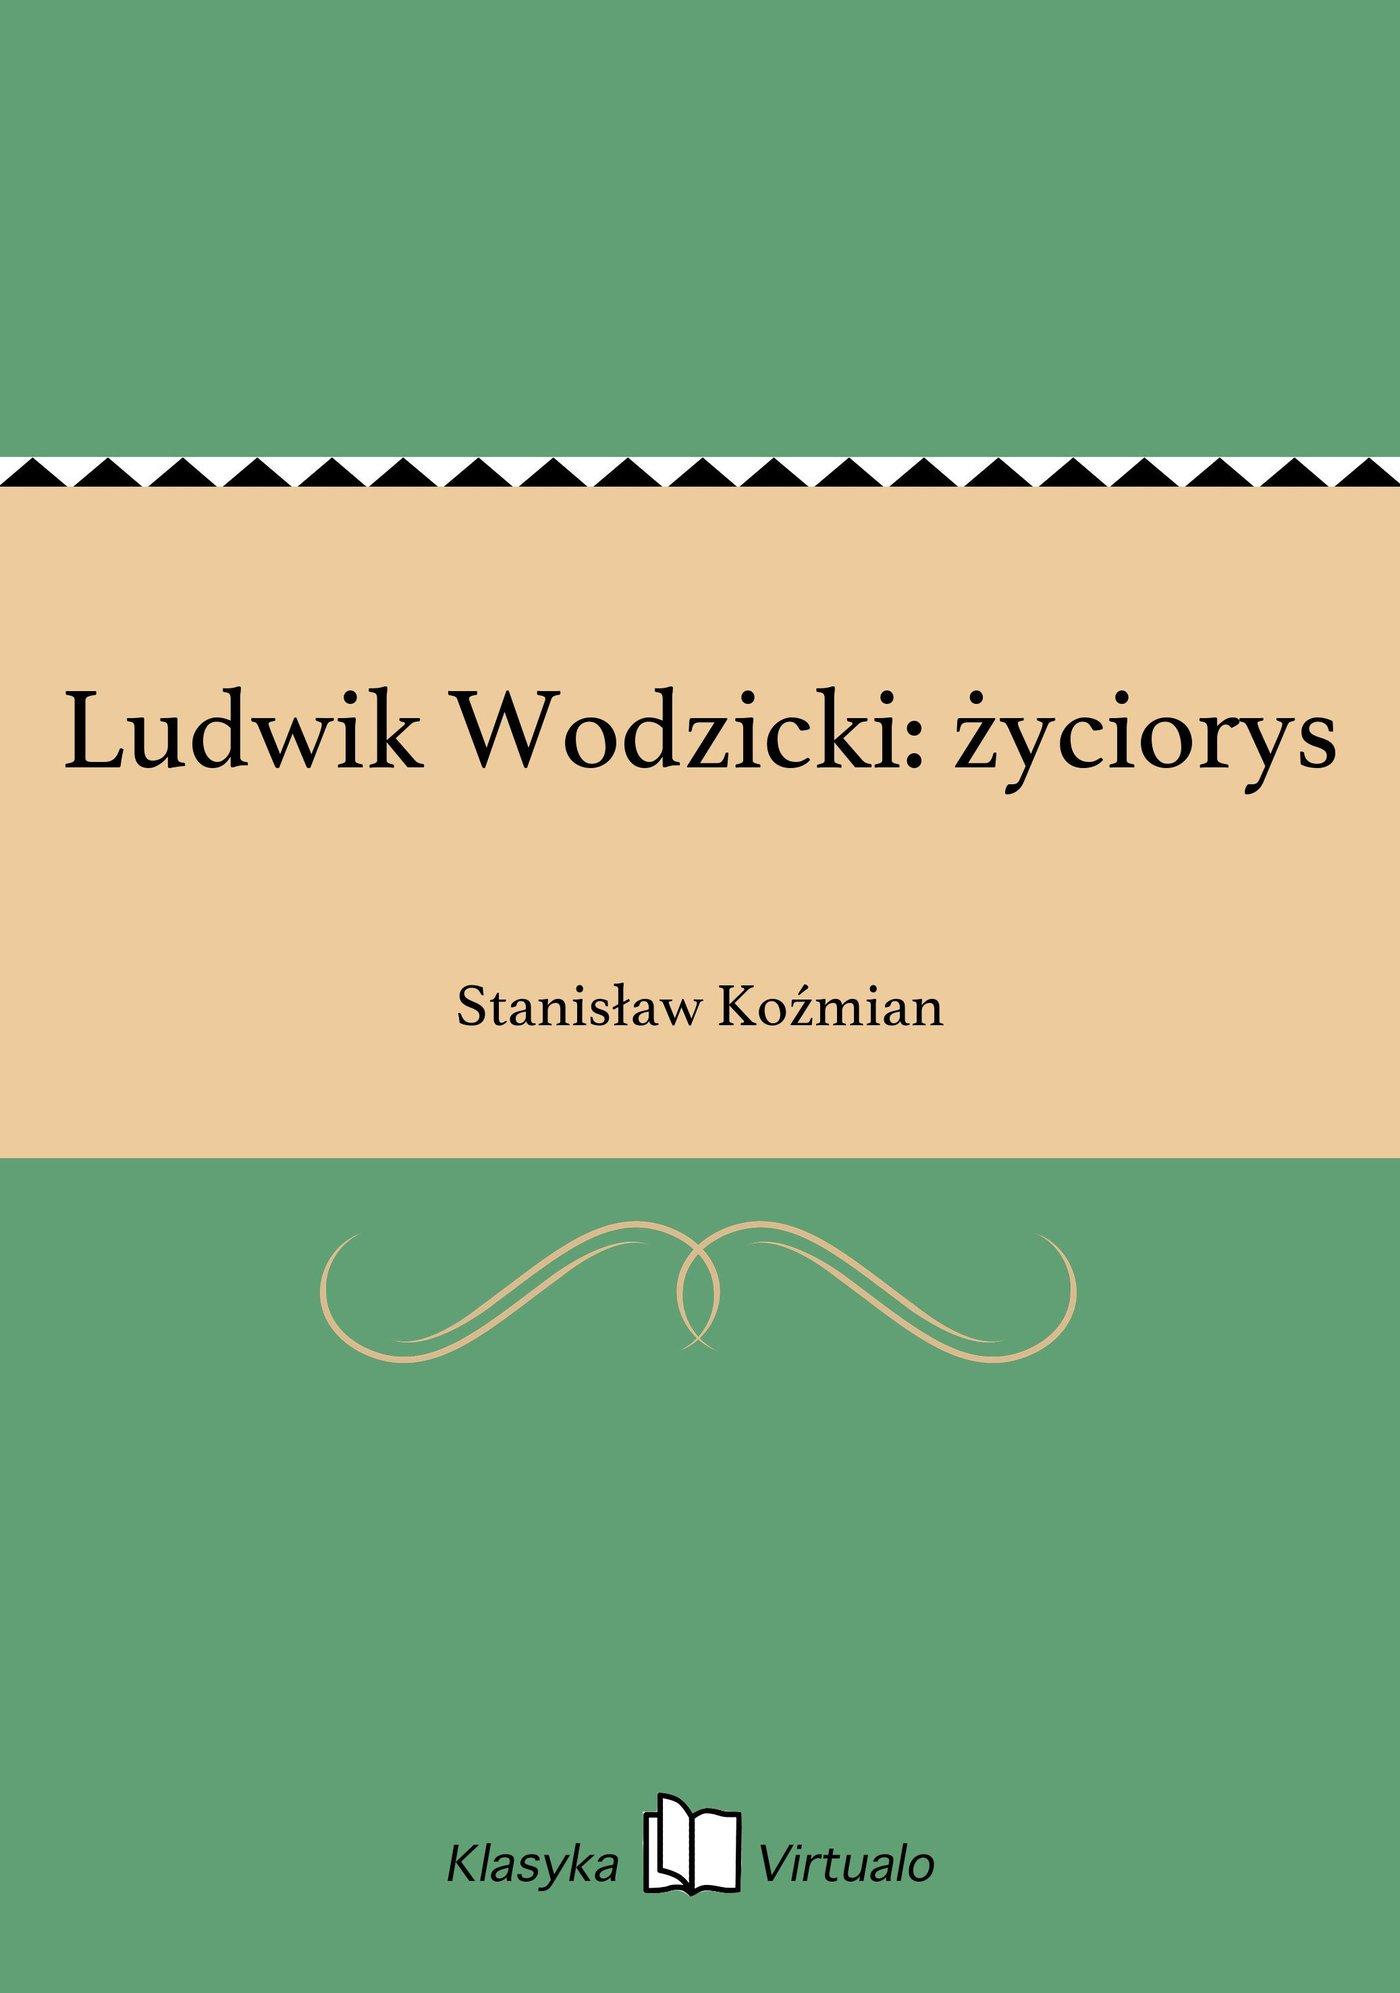 Ludwik Wodzicki: życiorys - Ebook (Książka EPUB) do pobrania w formacie EPUB